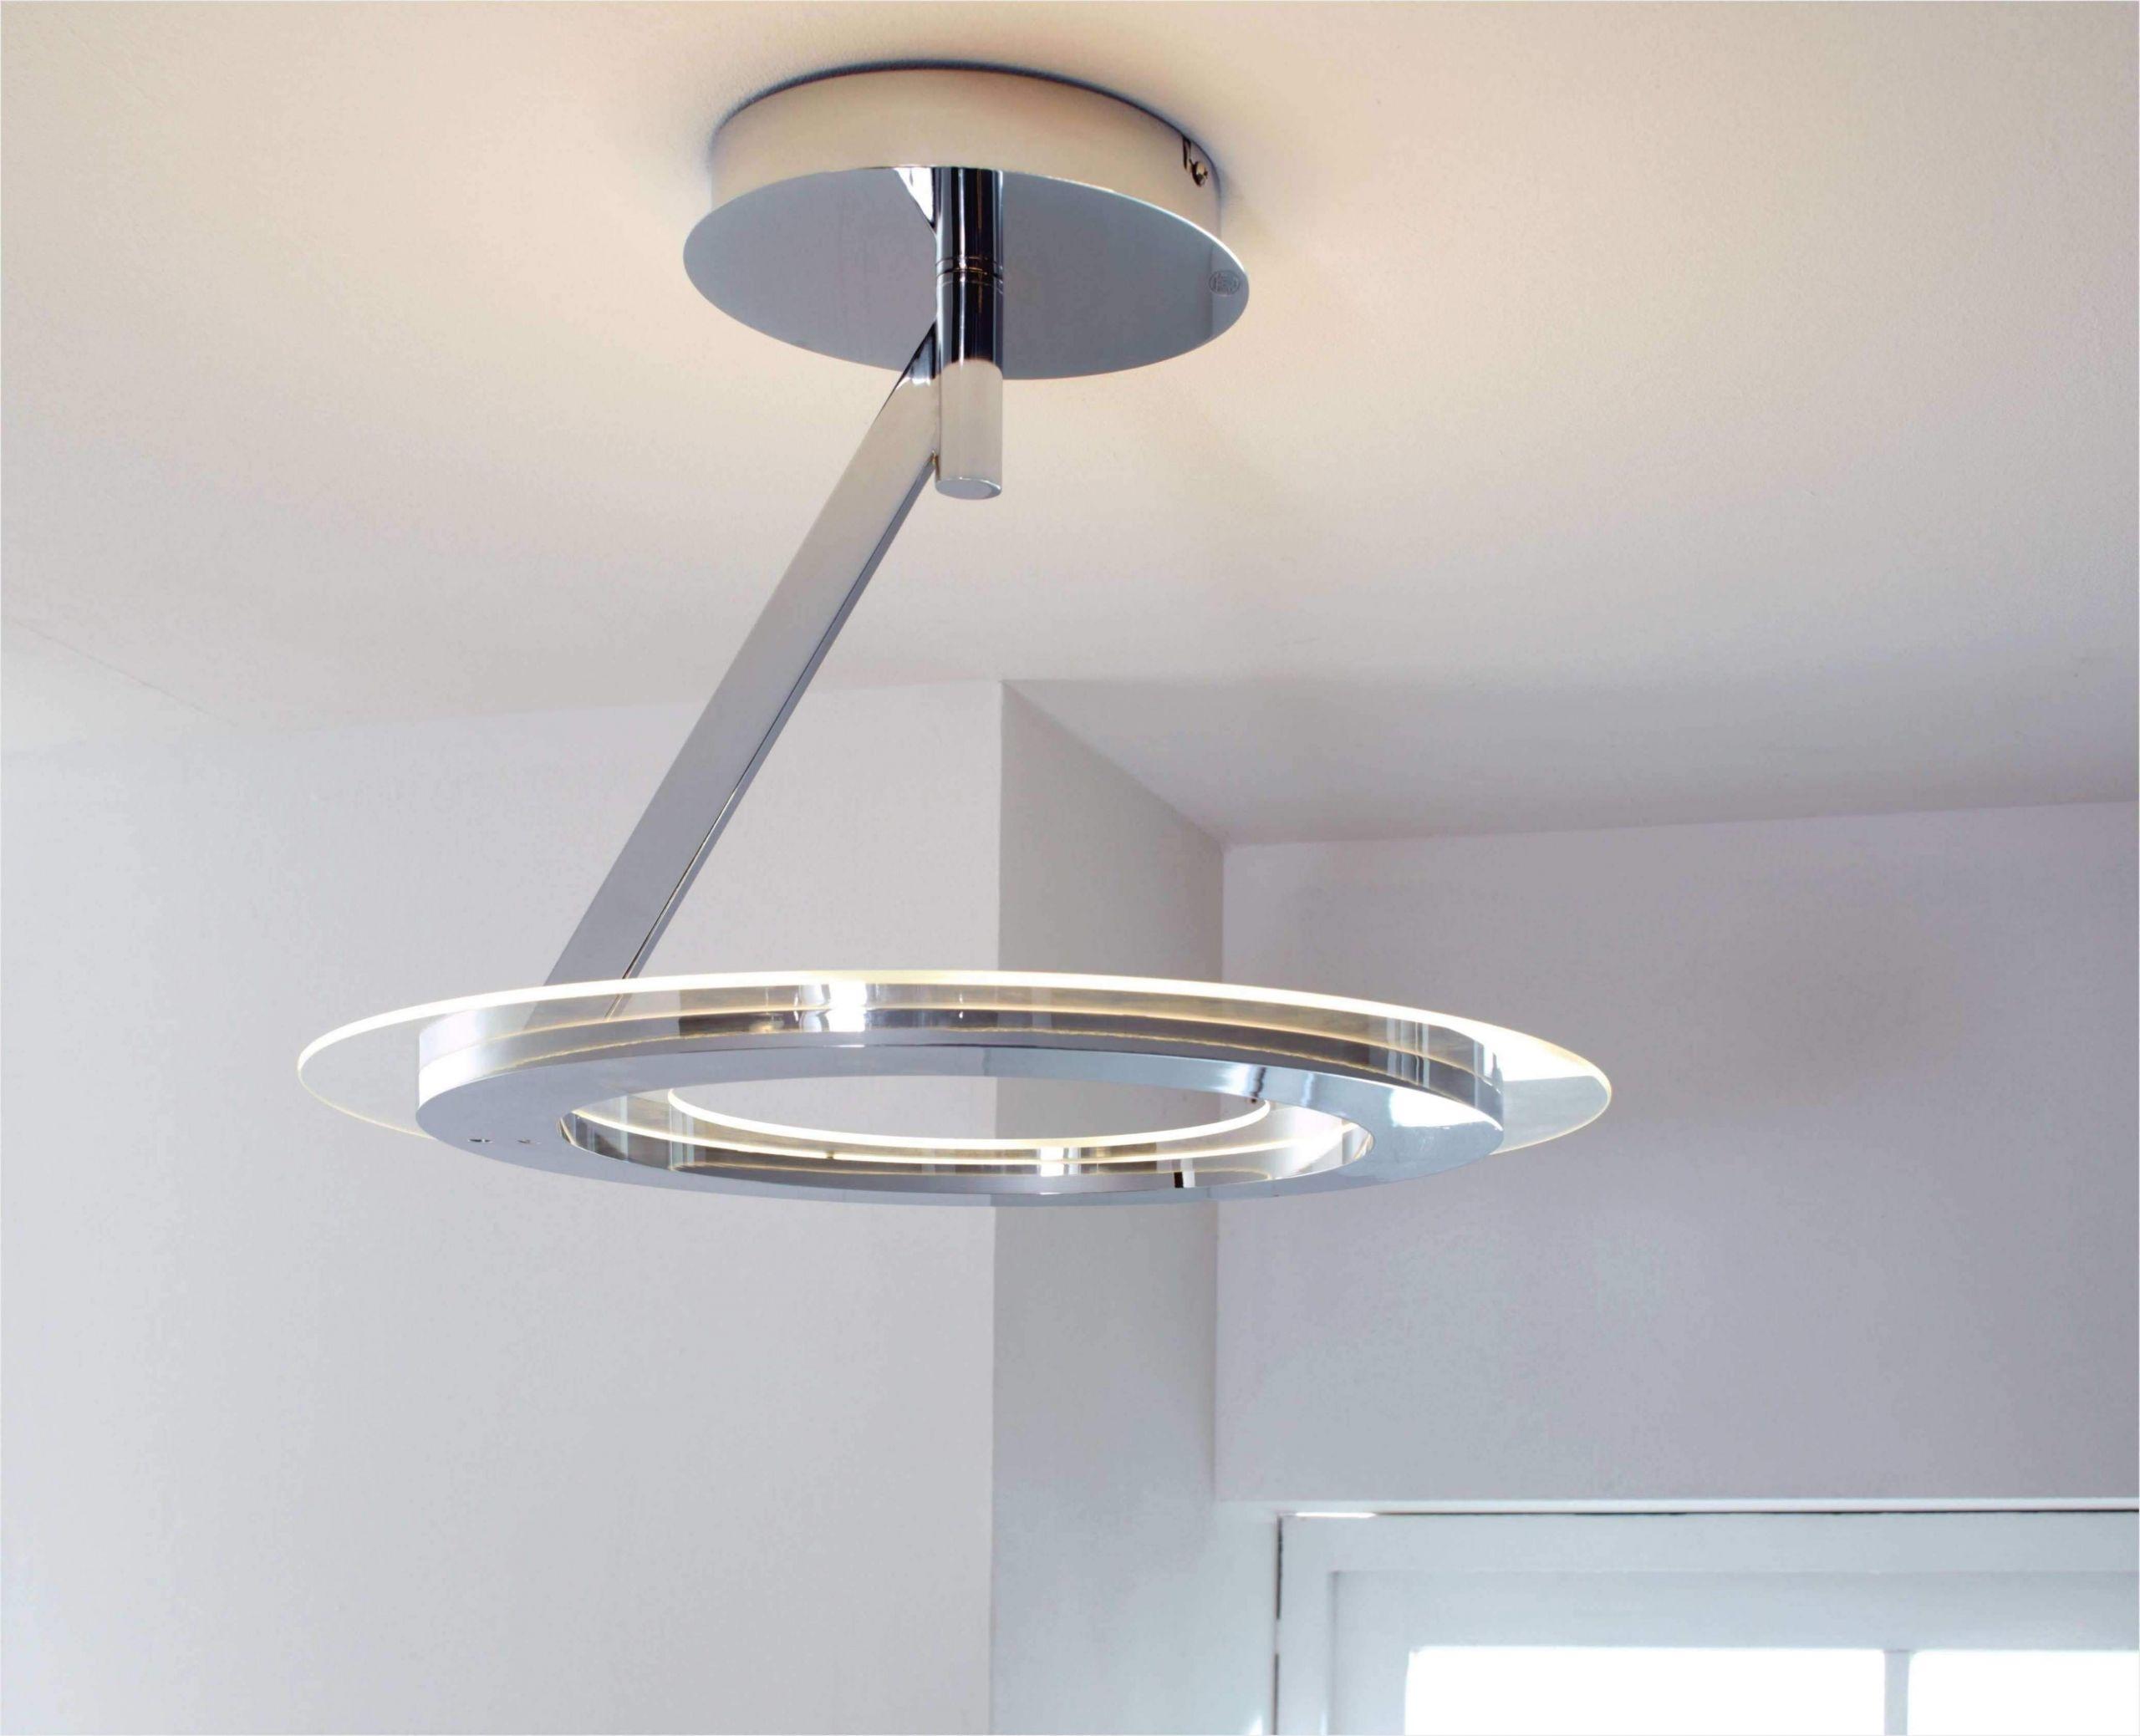 Full Size of Wohnzimmer Deckenlampe Led 35 Luxus Deckenleuchte Modern Reizend Frisch Lampen Kommode Stehlampe Schrankwand Beleuchtung Vorhänge Landhausstil Deckenlampen Wohnzimmer Wohnzimmer Deckenlampe Led